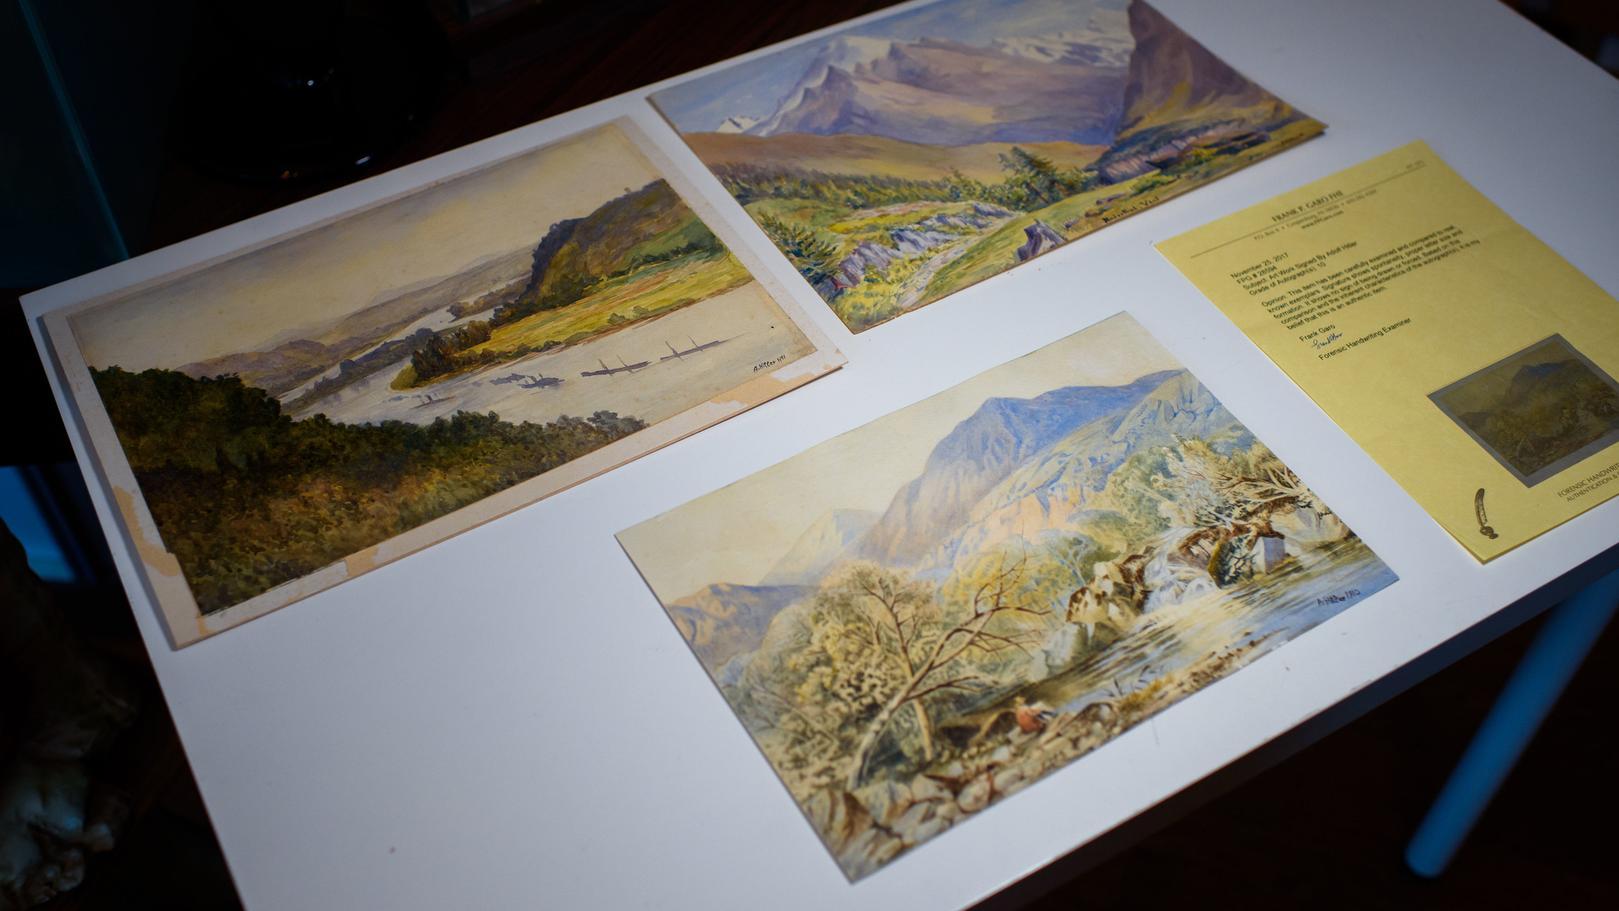 Drei angeblich von Adolf Hitler zwischen 1910 und 1911 gemalte Landschaftsaquarelle liegen vor der geplanten Versteigerung im Auktionshaus Kloss auf einem Tisch zur Vorbesichtigung aus